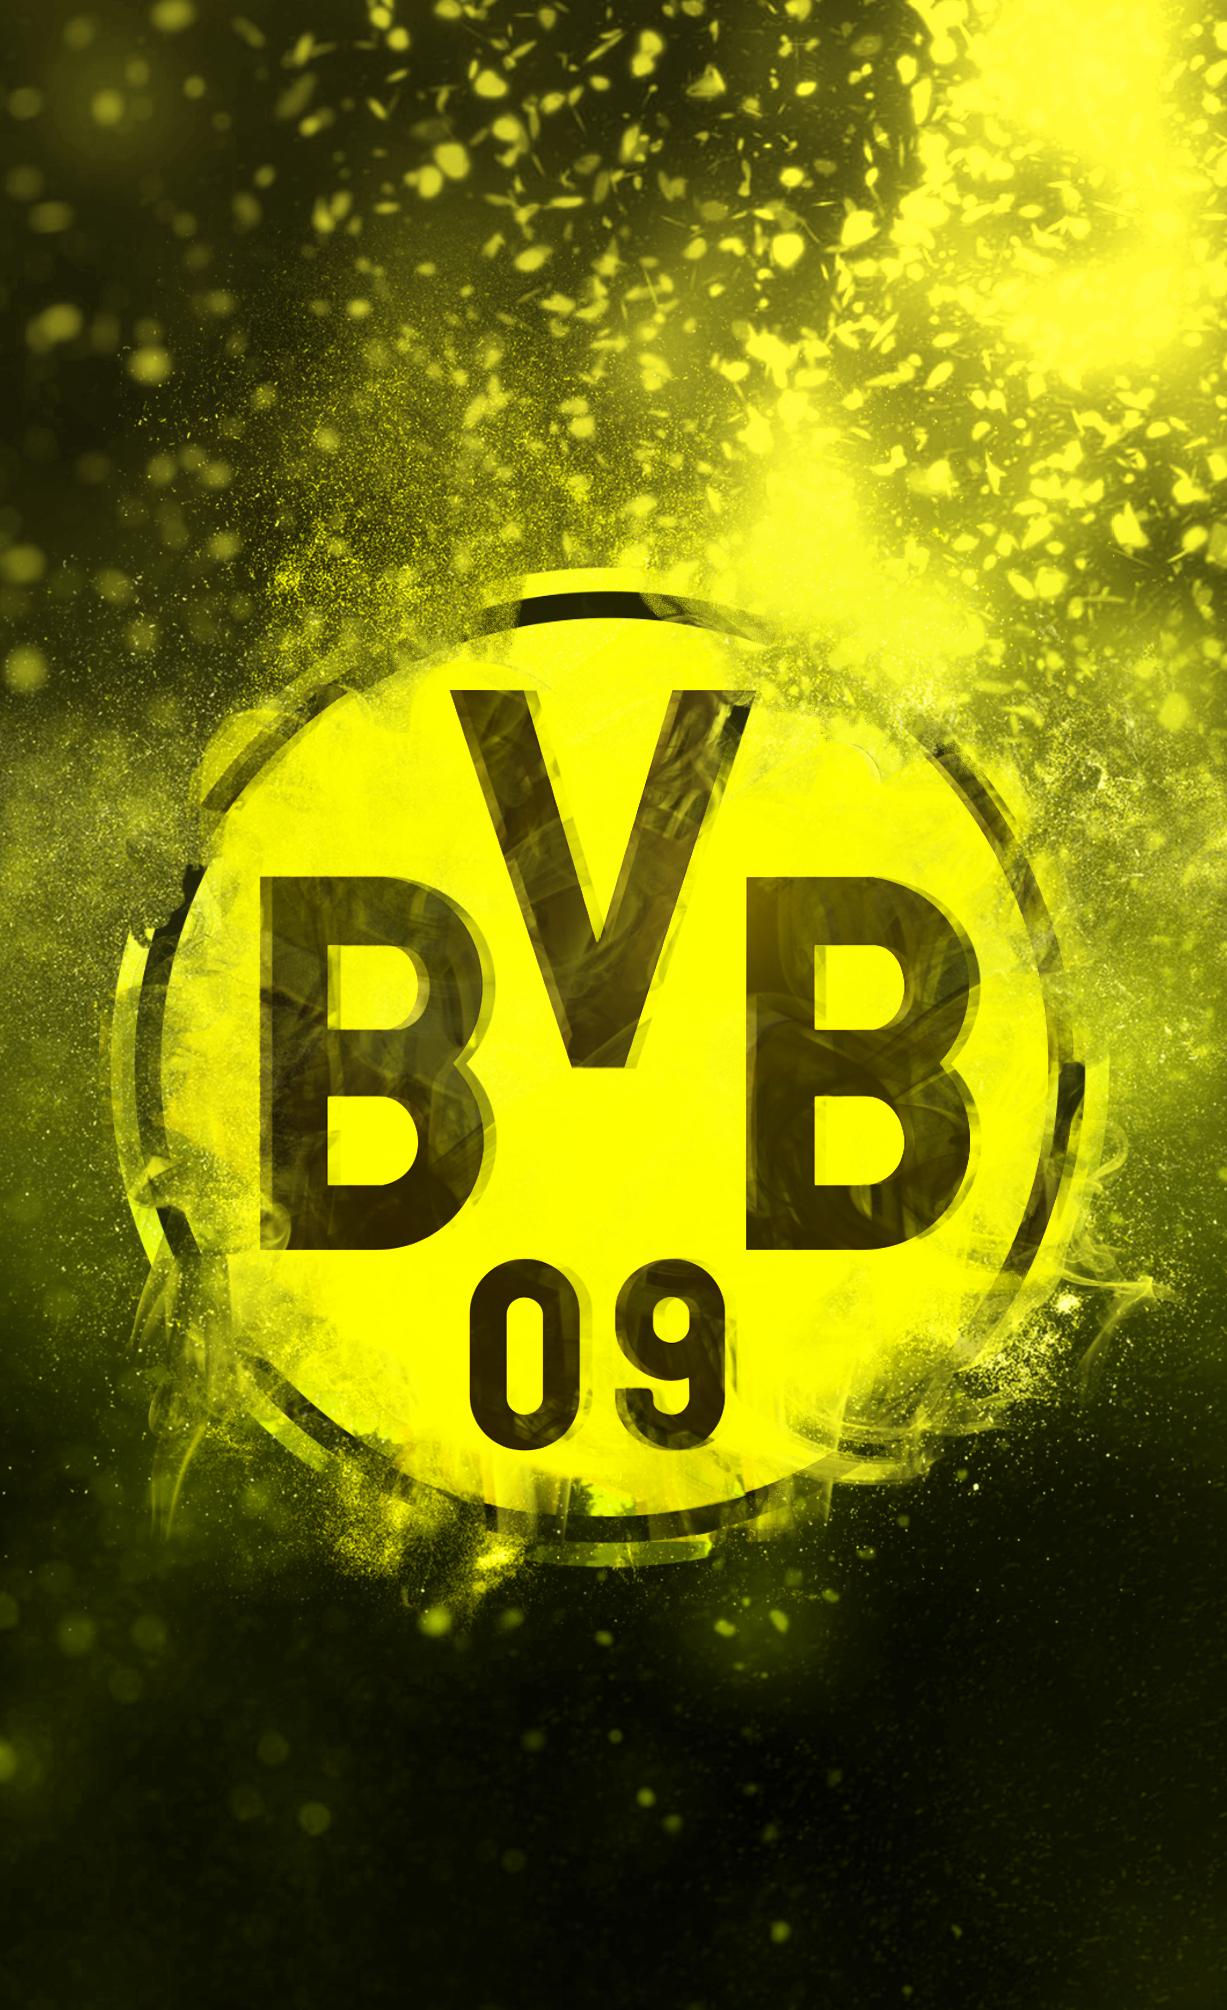 bvb mobil